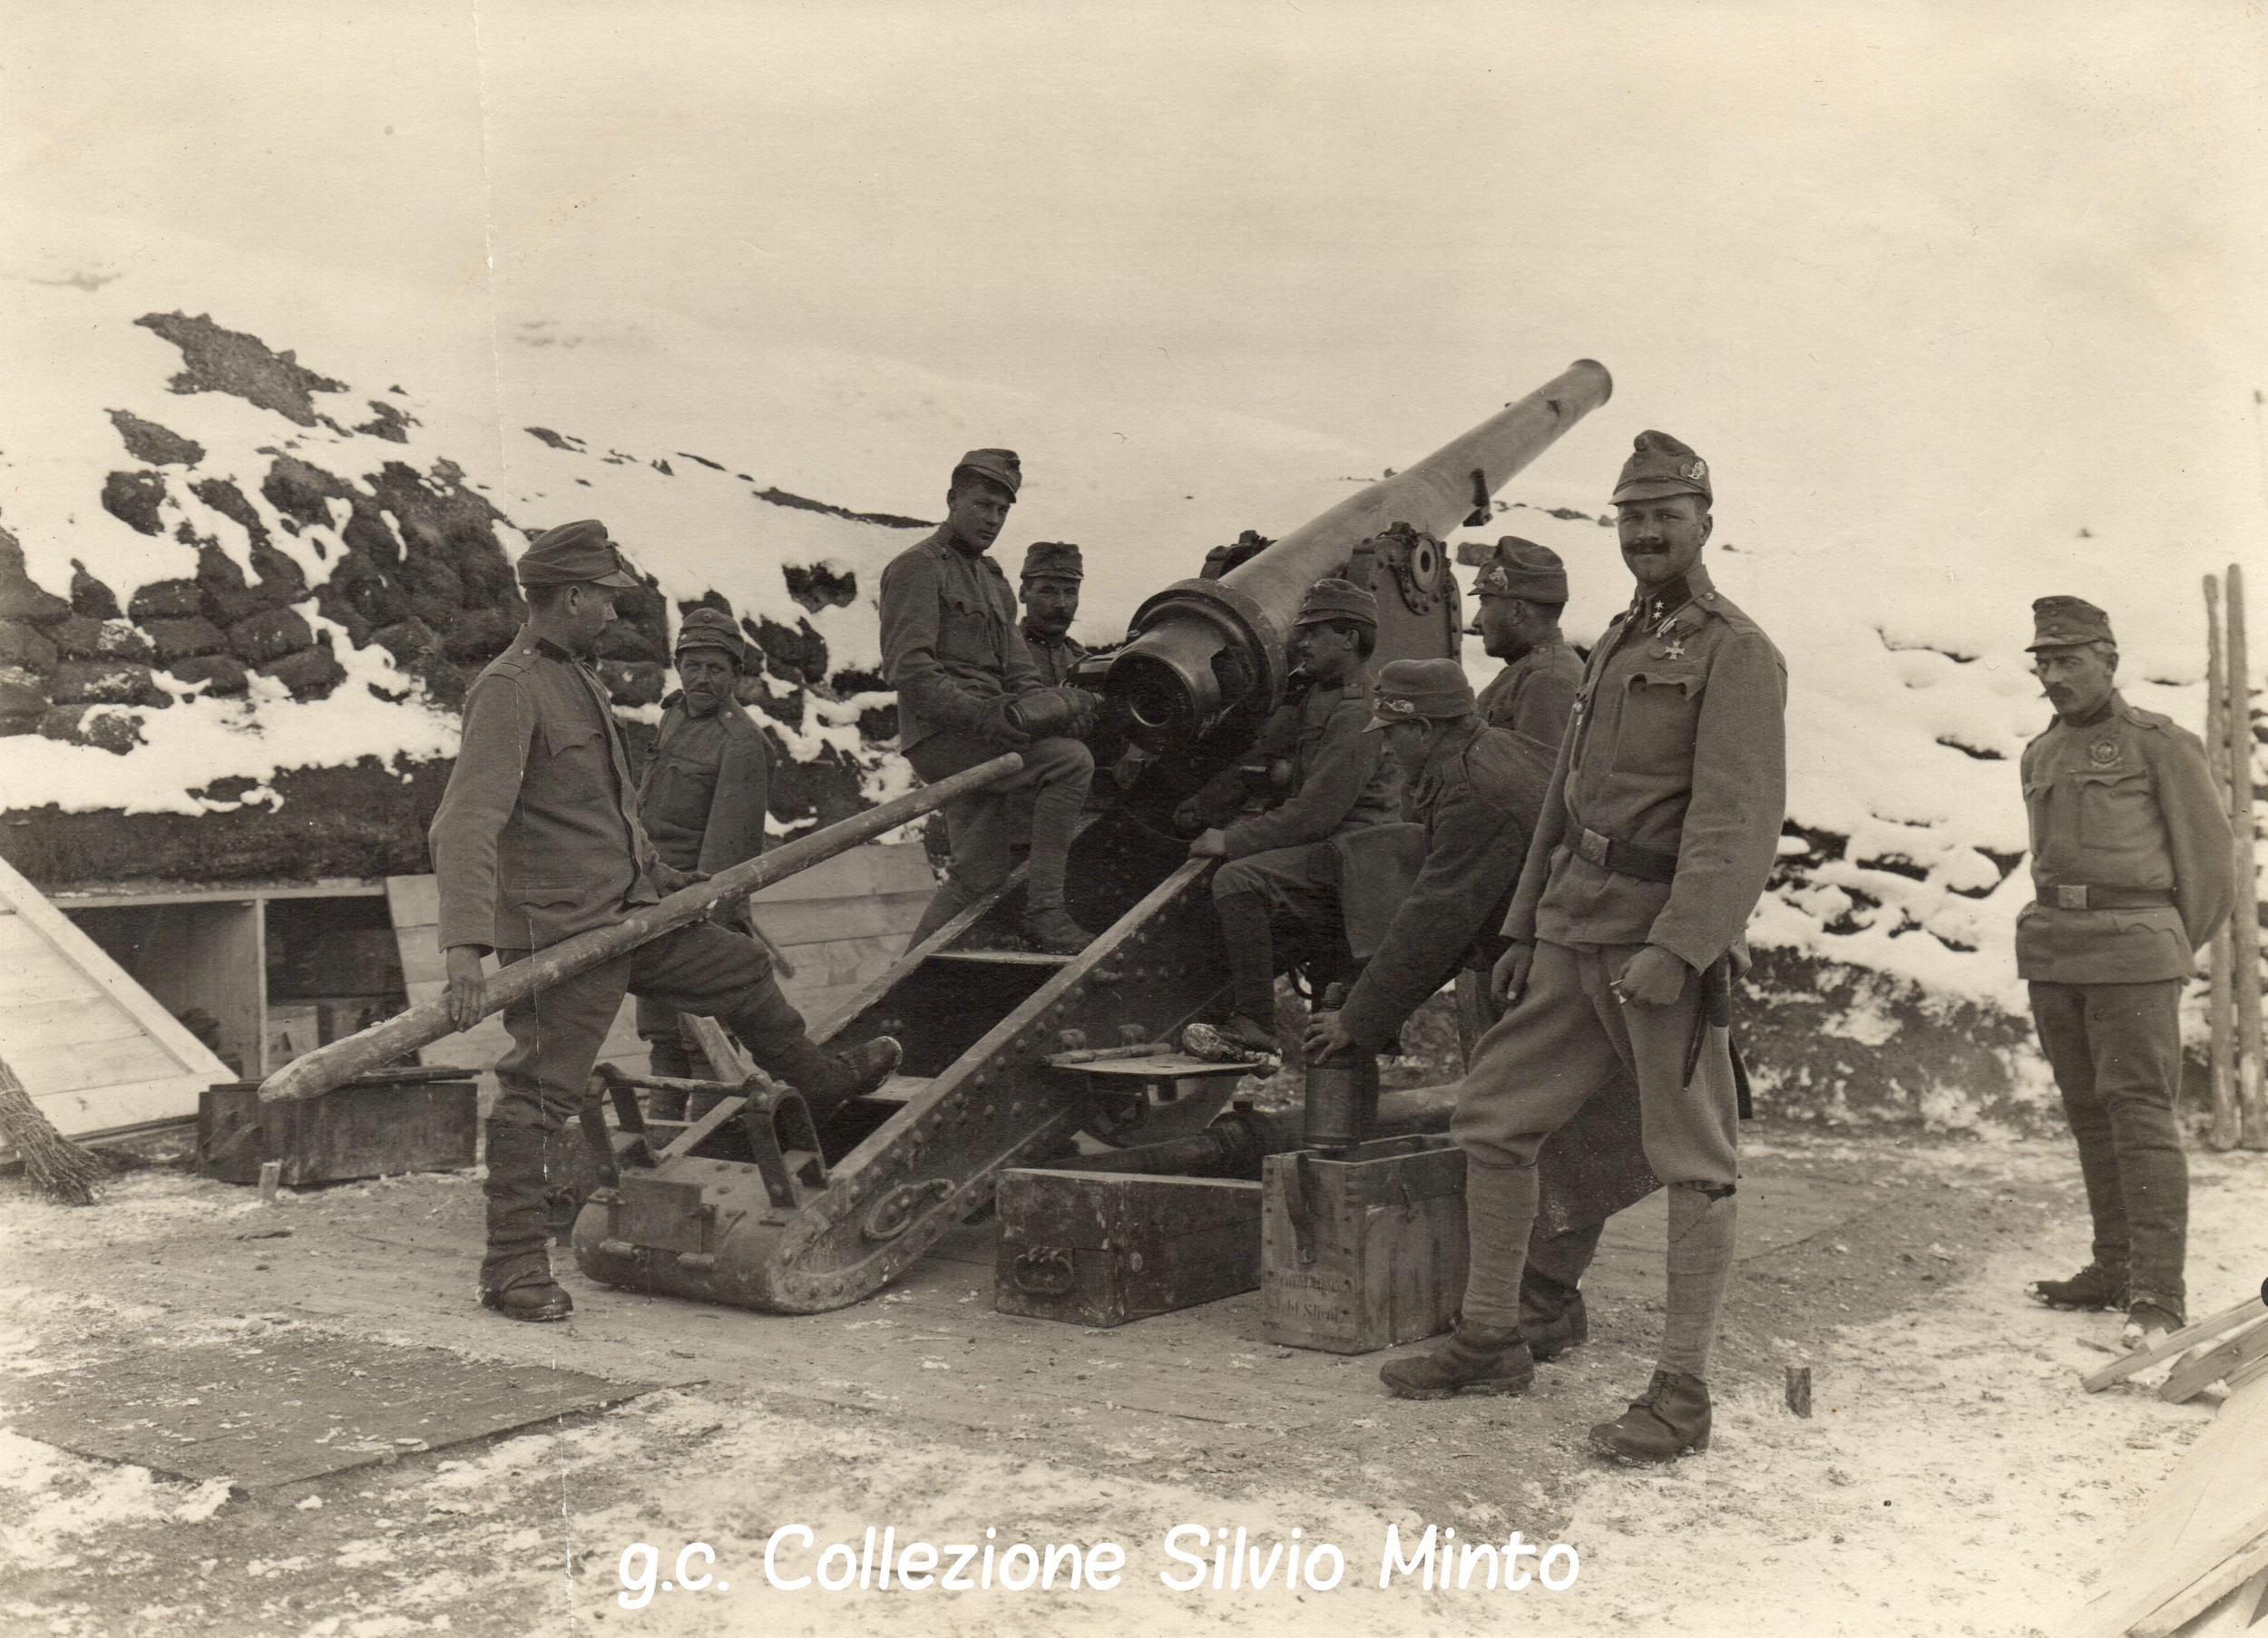 Batteria austroungarica con pezzo da 120 mm schierato nella zona del Knollkopf – gruppo della Croda Rossa